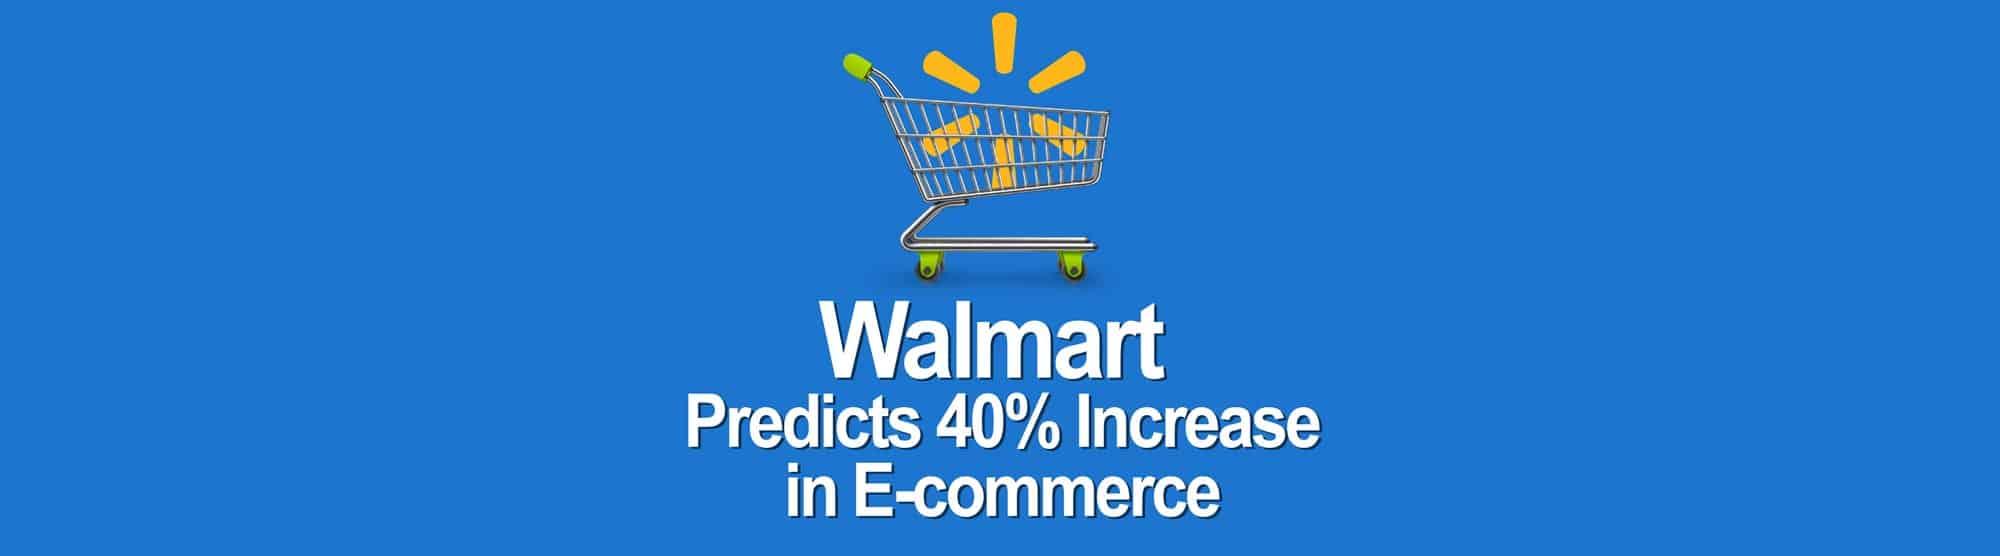 Walmart e-commerce increase ecommerce